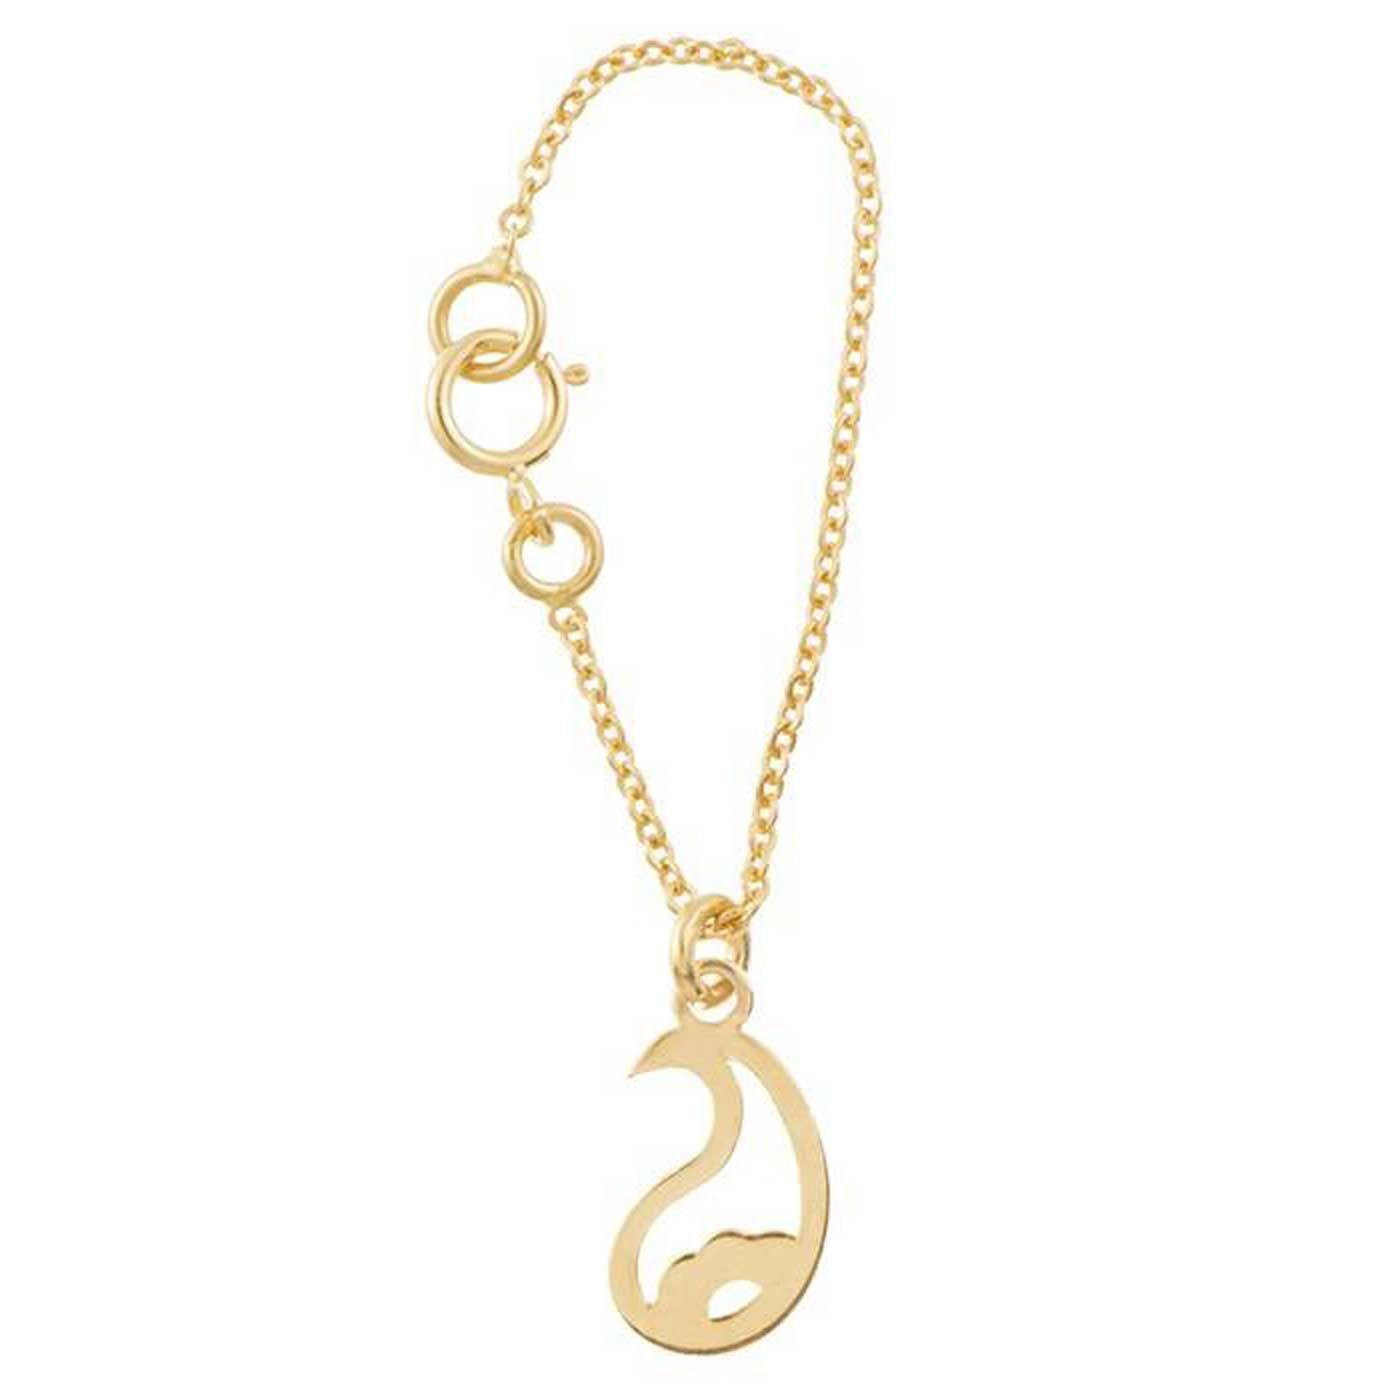 آویز ساعت طلا 18 عیار زنانه کانیار گالری کد AS107 -  - 3